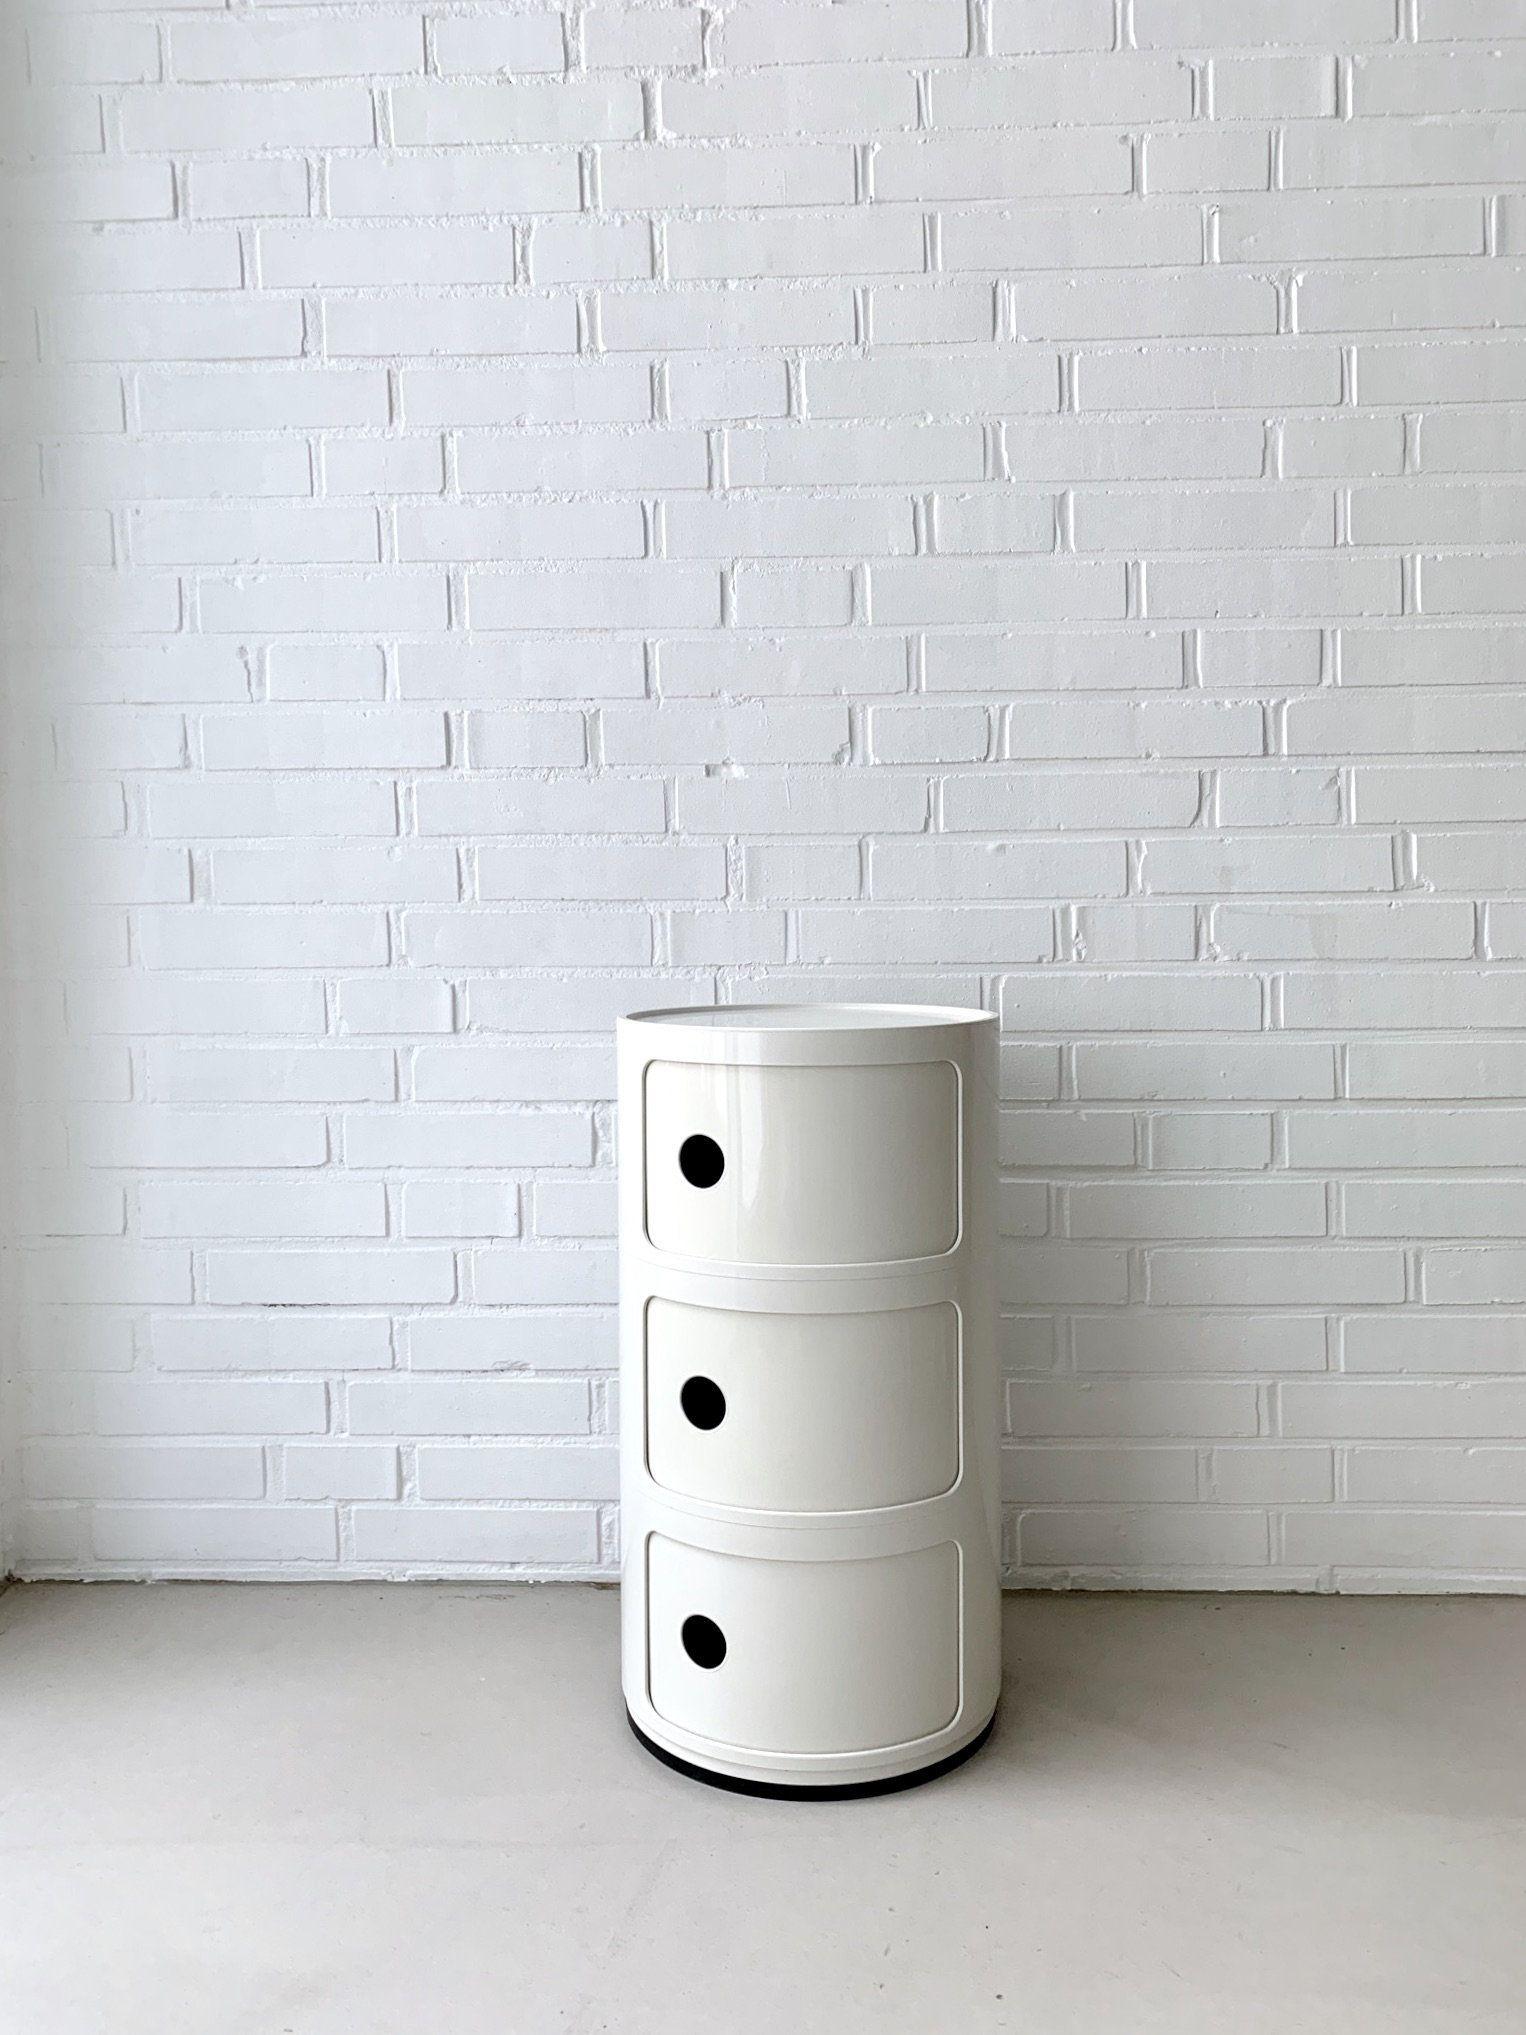 Vintage Kartell Container Homeoffice Regal Kartell Componibili Weiss Badezimmer Schrank 70ziger Jahre Regal In 2020 Vintage Designs Vintage Trash Can